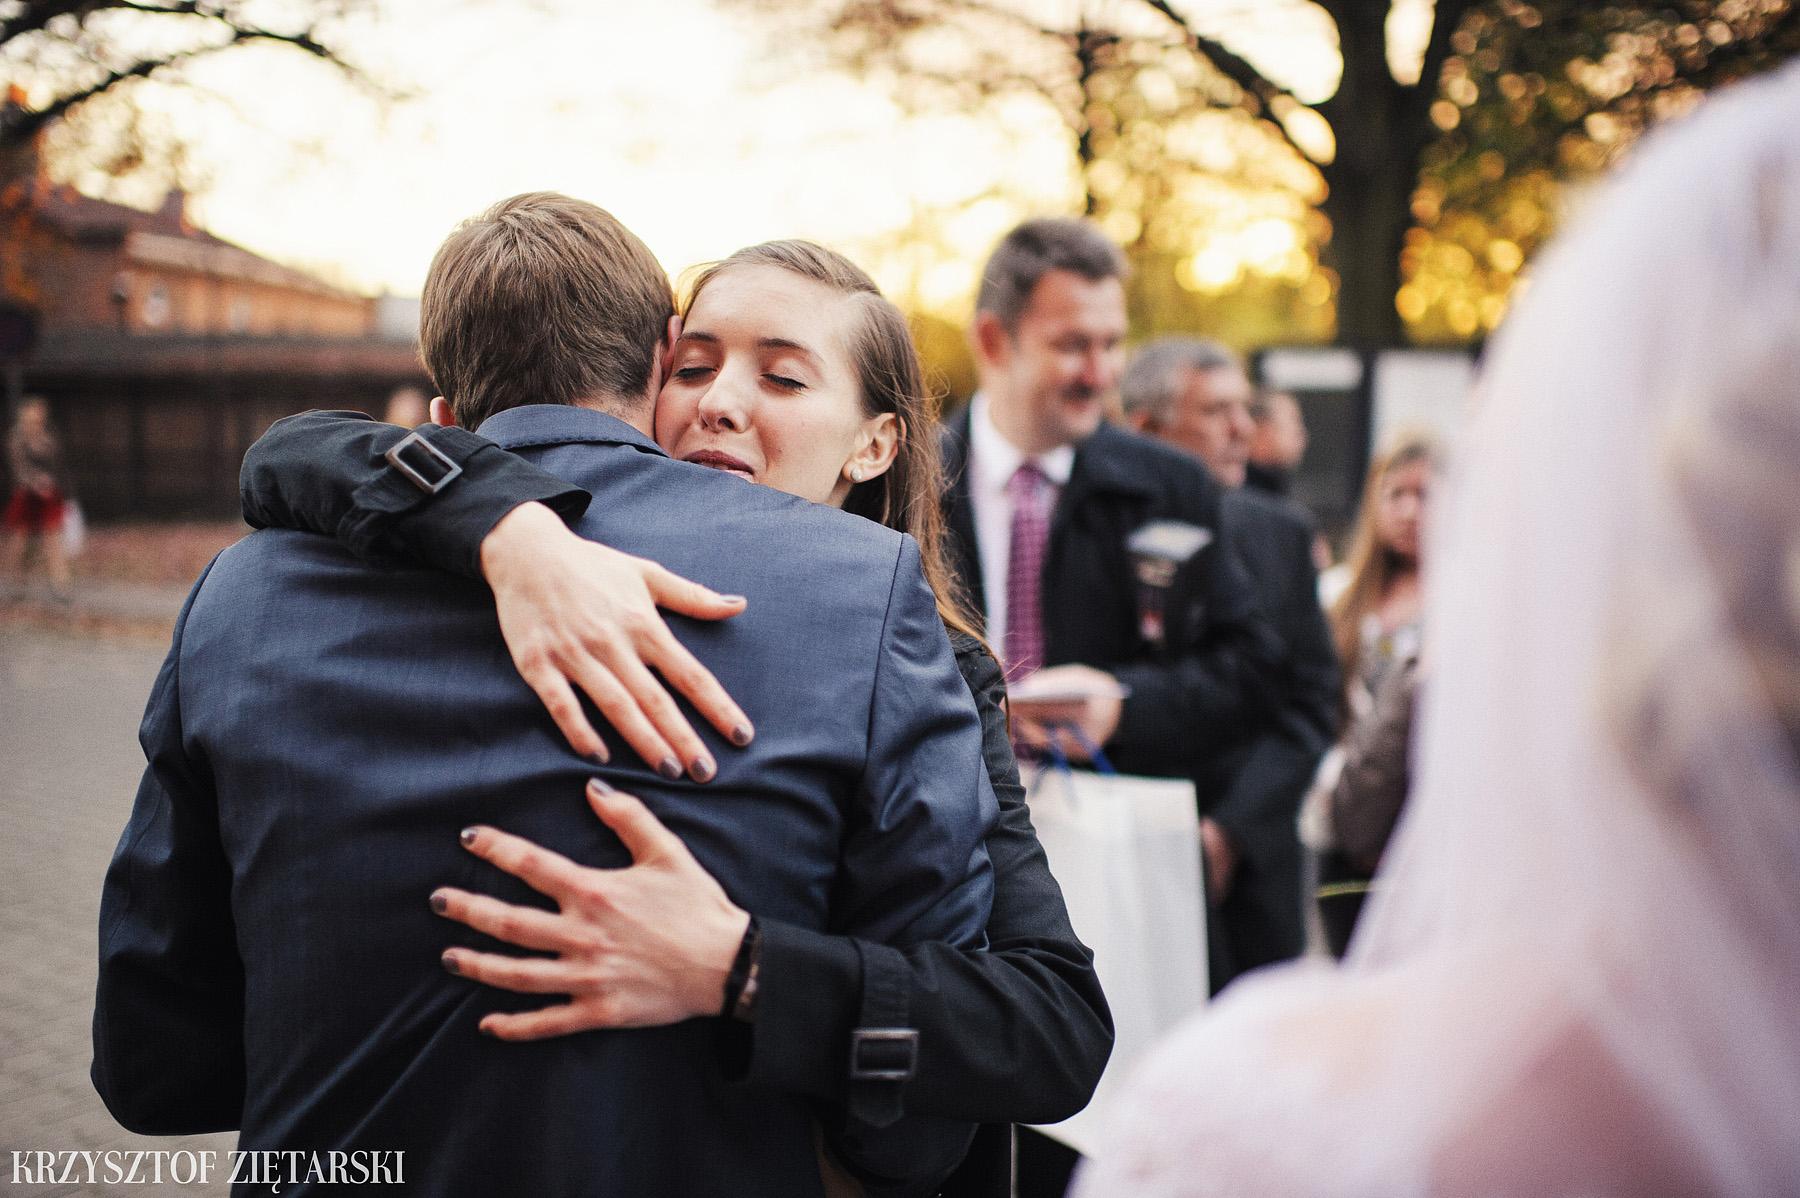 Agnieszka i Jacek - Fotografia ślubna Słupsk, kościół NSJ, wesele Gościniec Młyn Słupski, plener ślubny w Gdyni - 28.